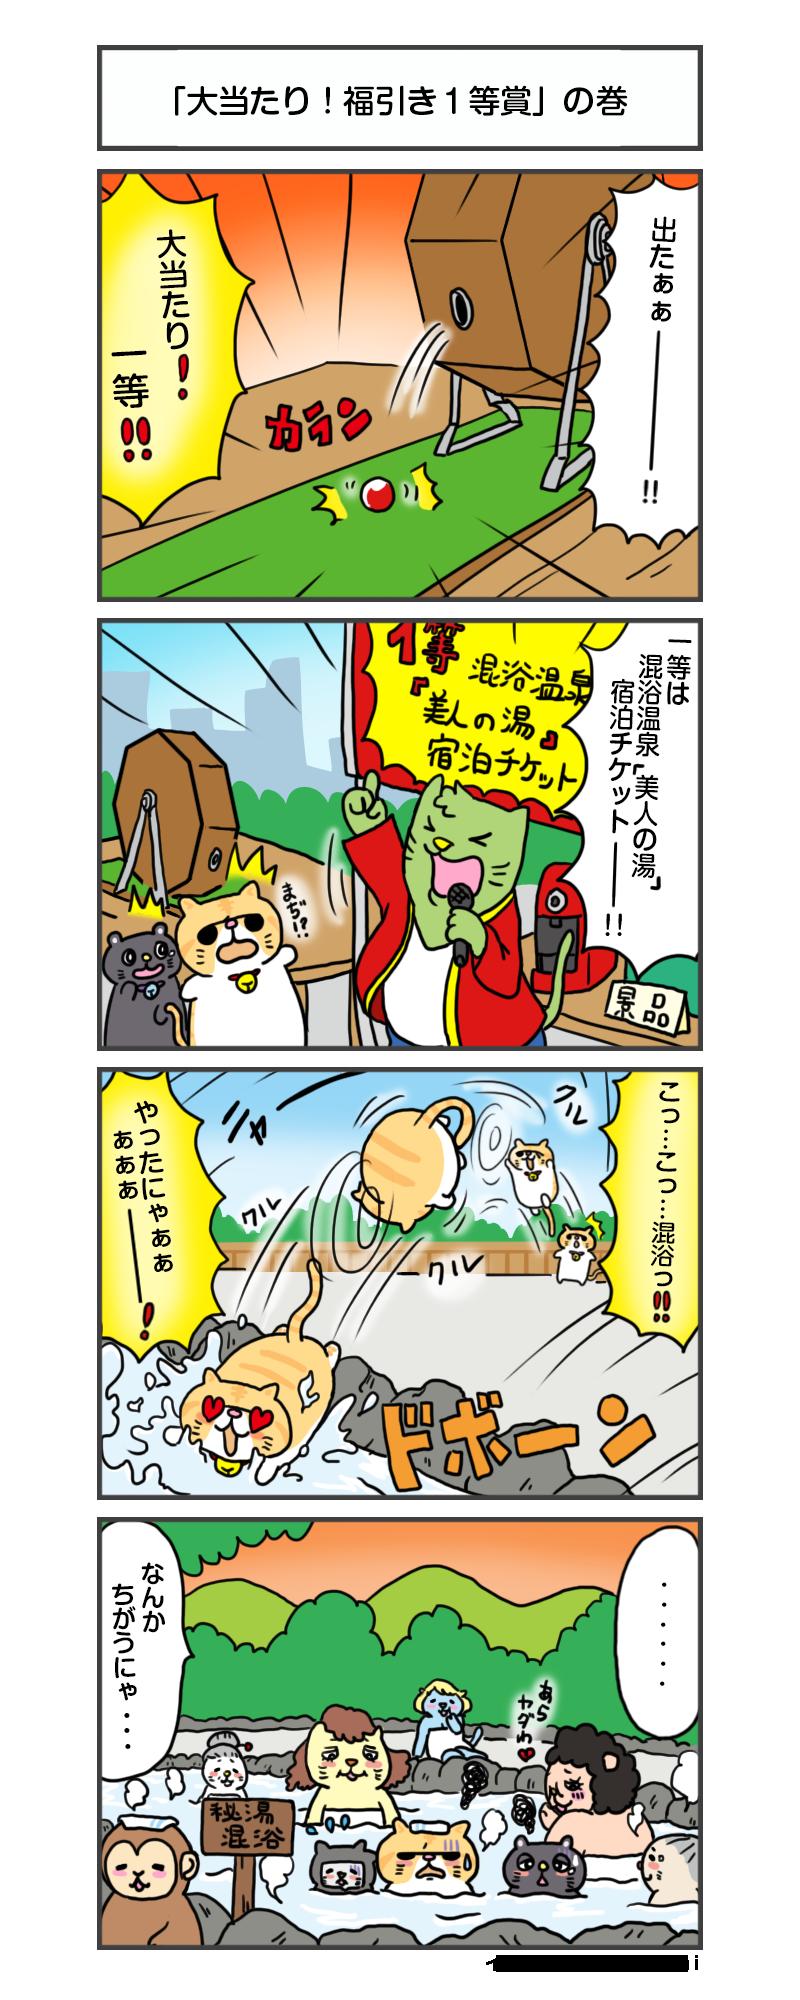 縺医″縺昴y縺・anga_vol.24